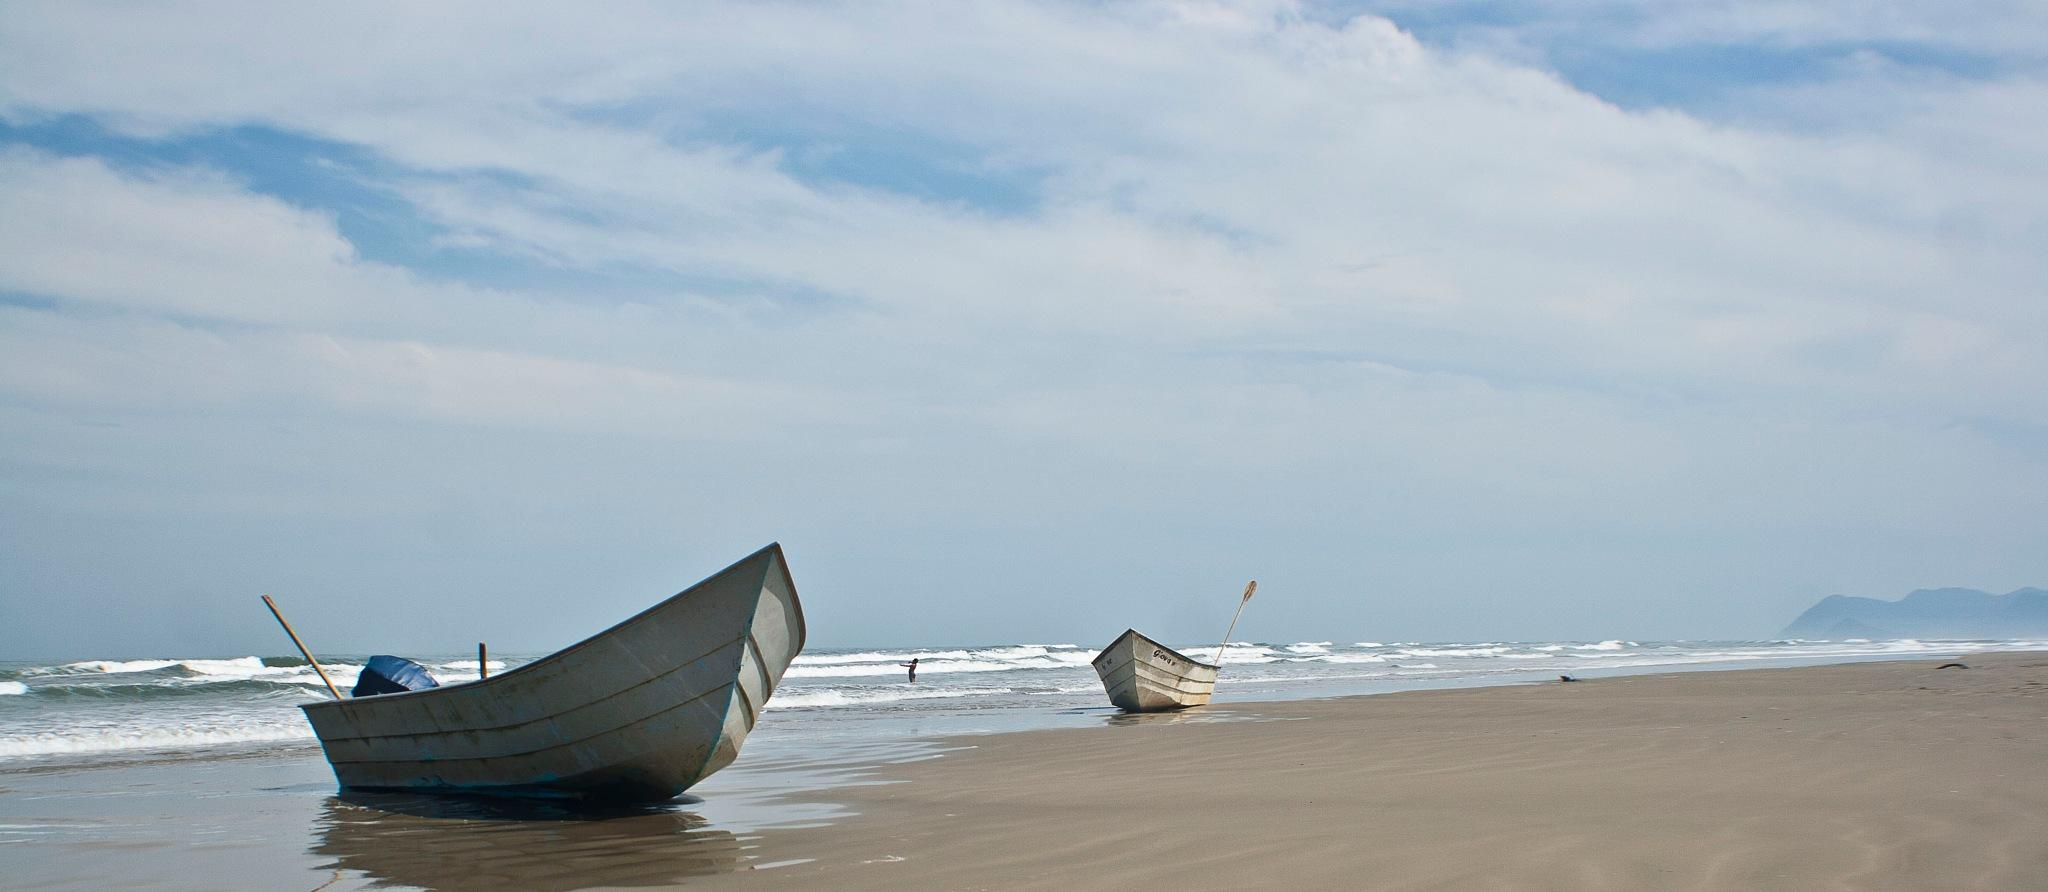 Praia by Alexandre Rossi Gurgel